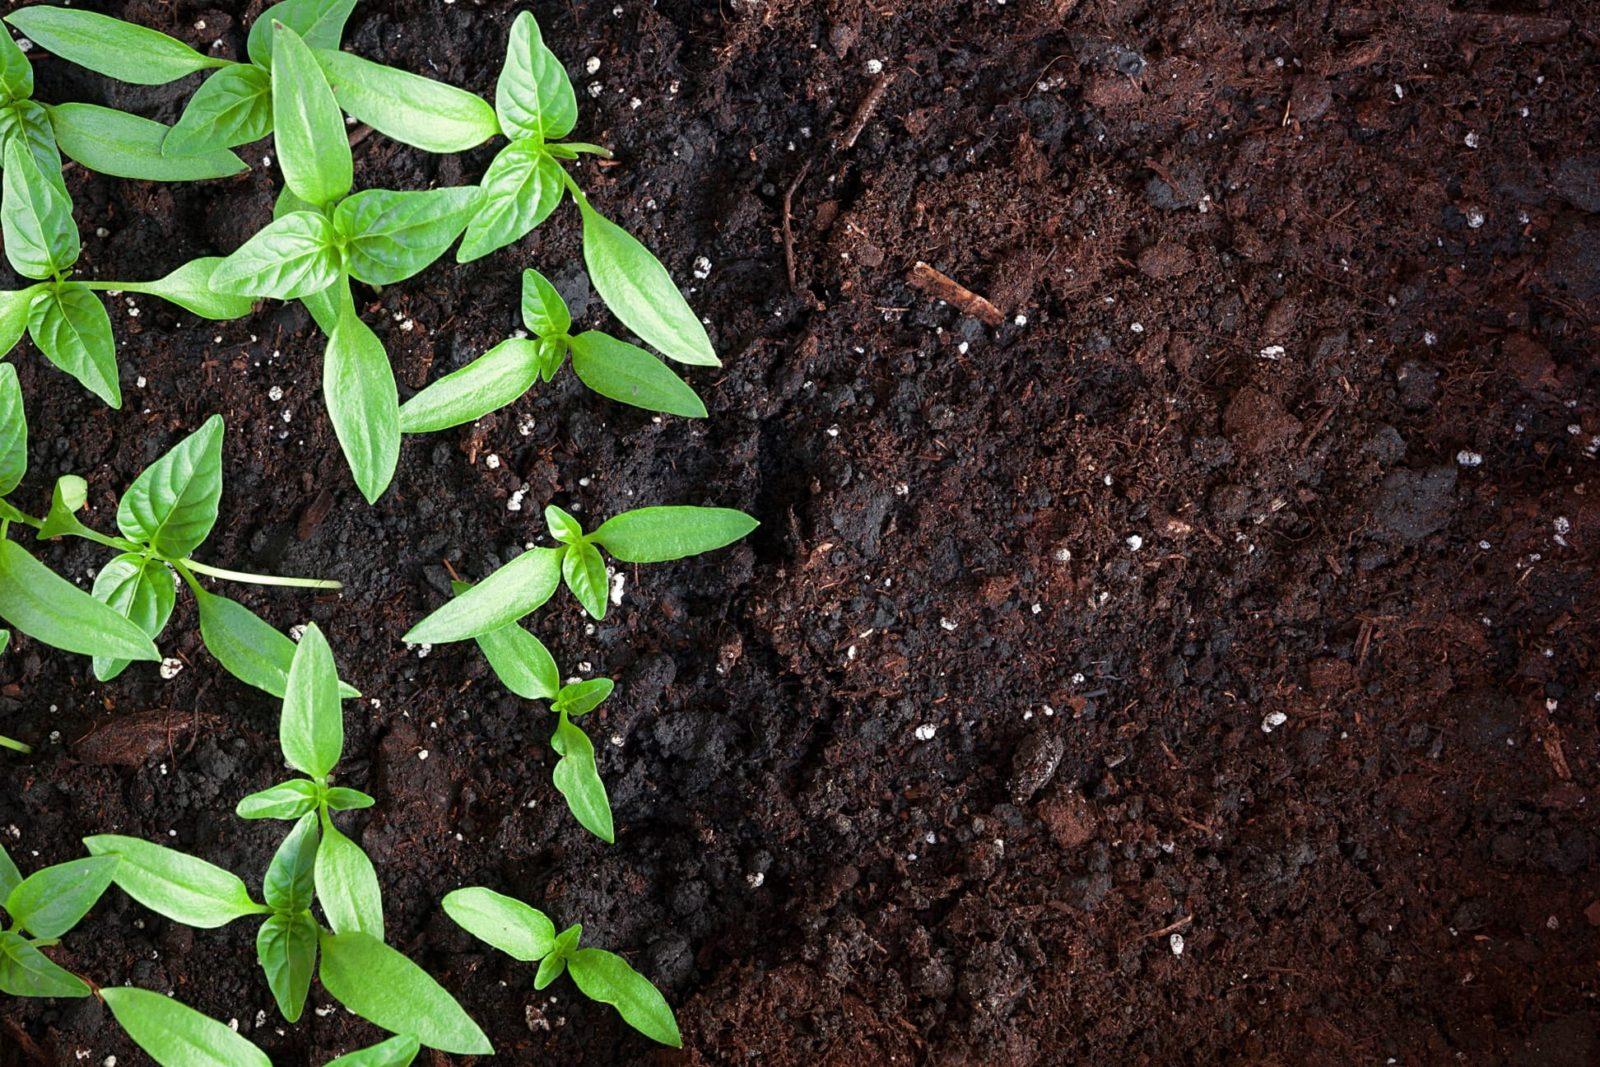 seedlings growing in compost